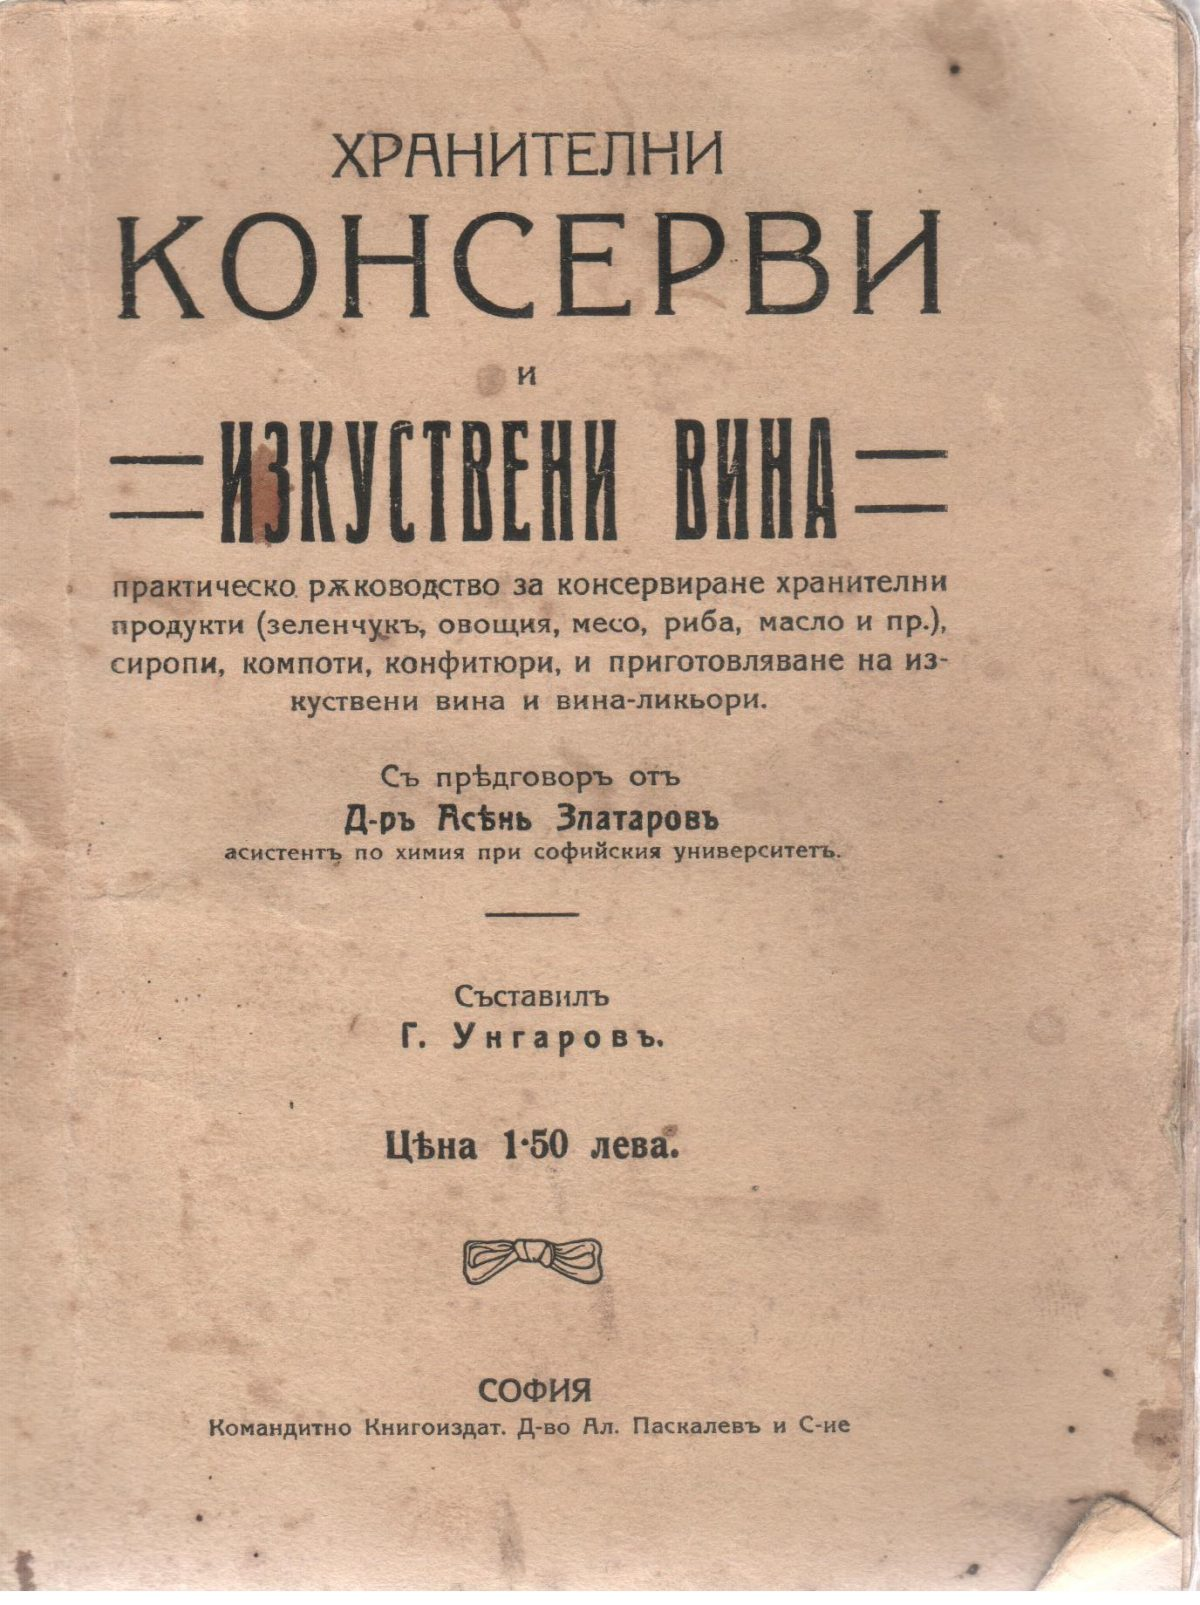 1914-Hranitelni-konservi